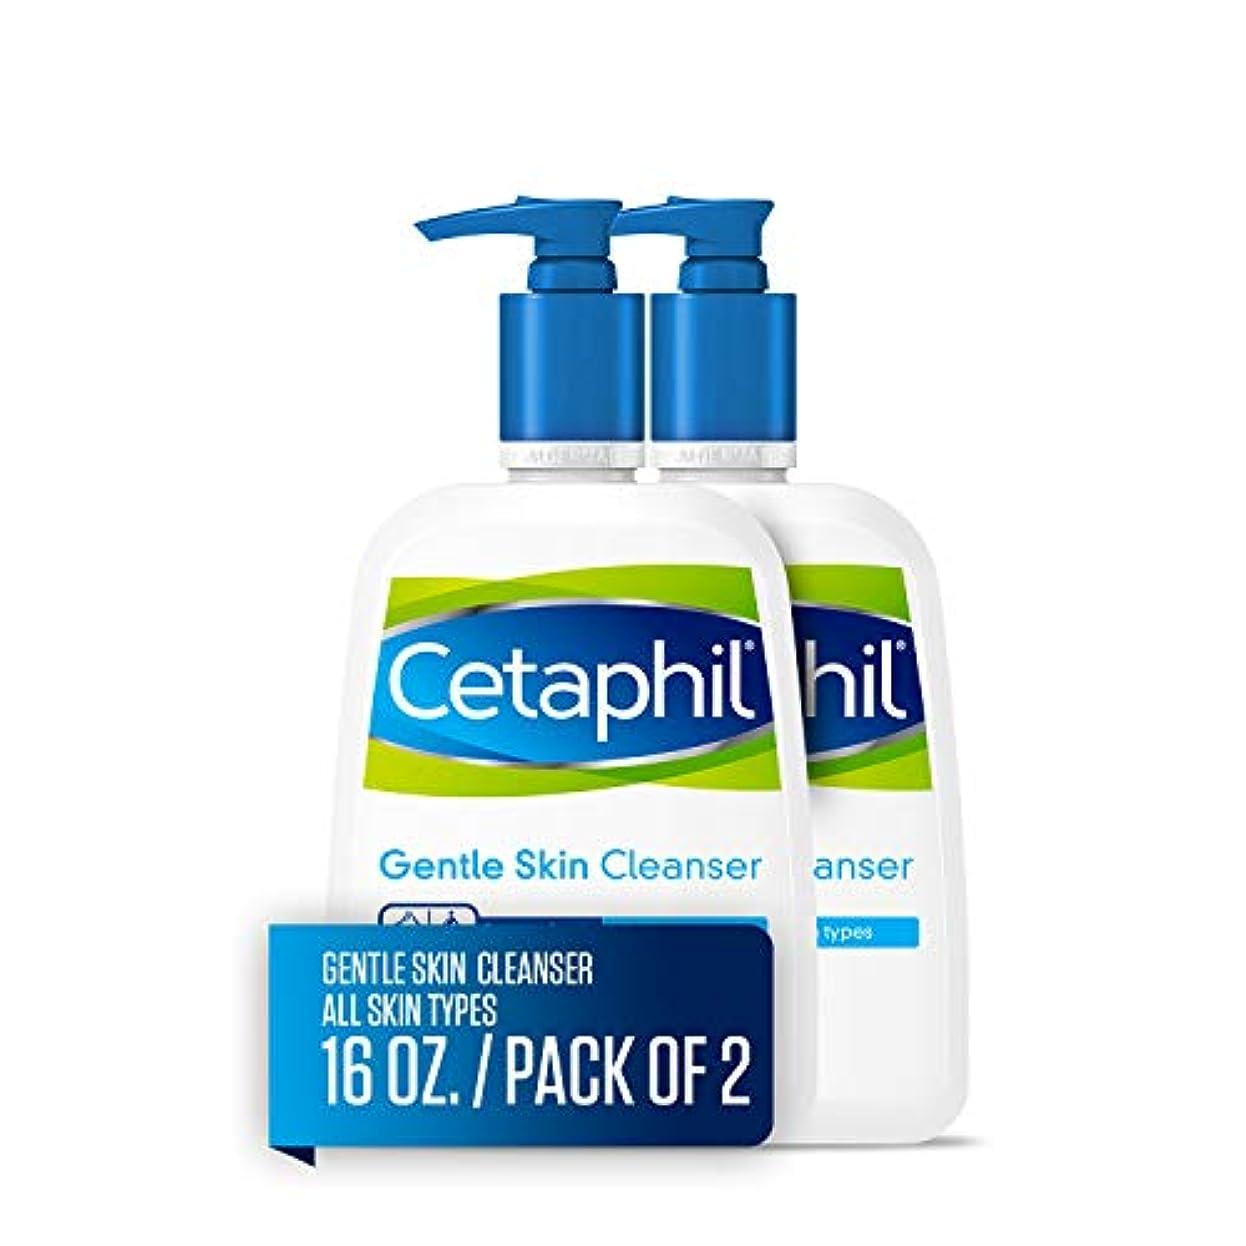 一貫性のない静かに余分なCetaphil オールスキンタイプジェントルスキンクレンザー16オズ(2パック) 2パック